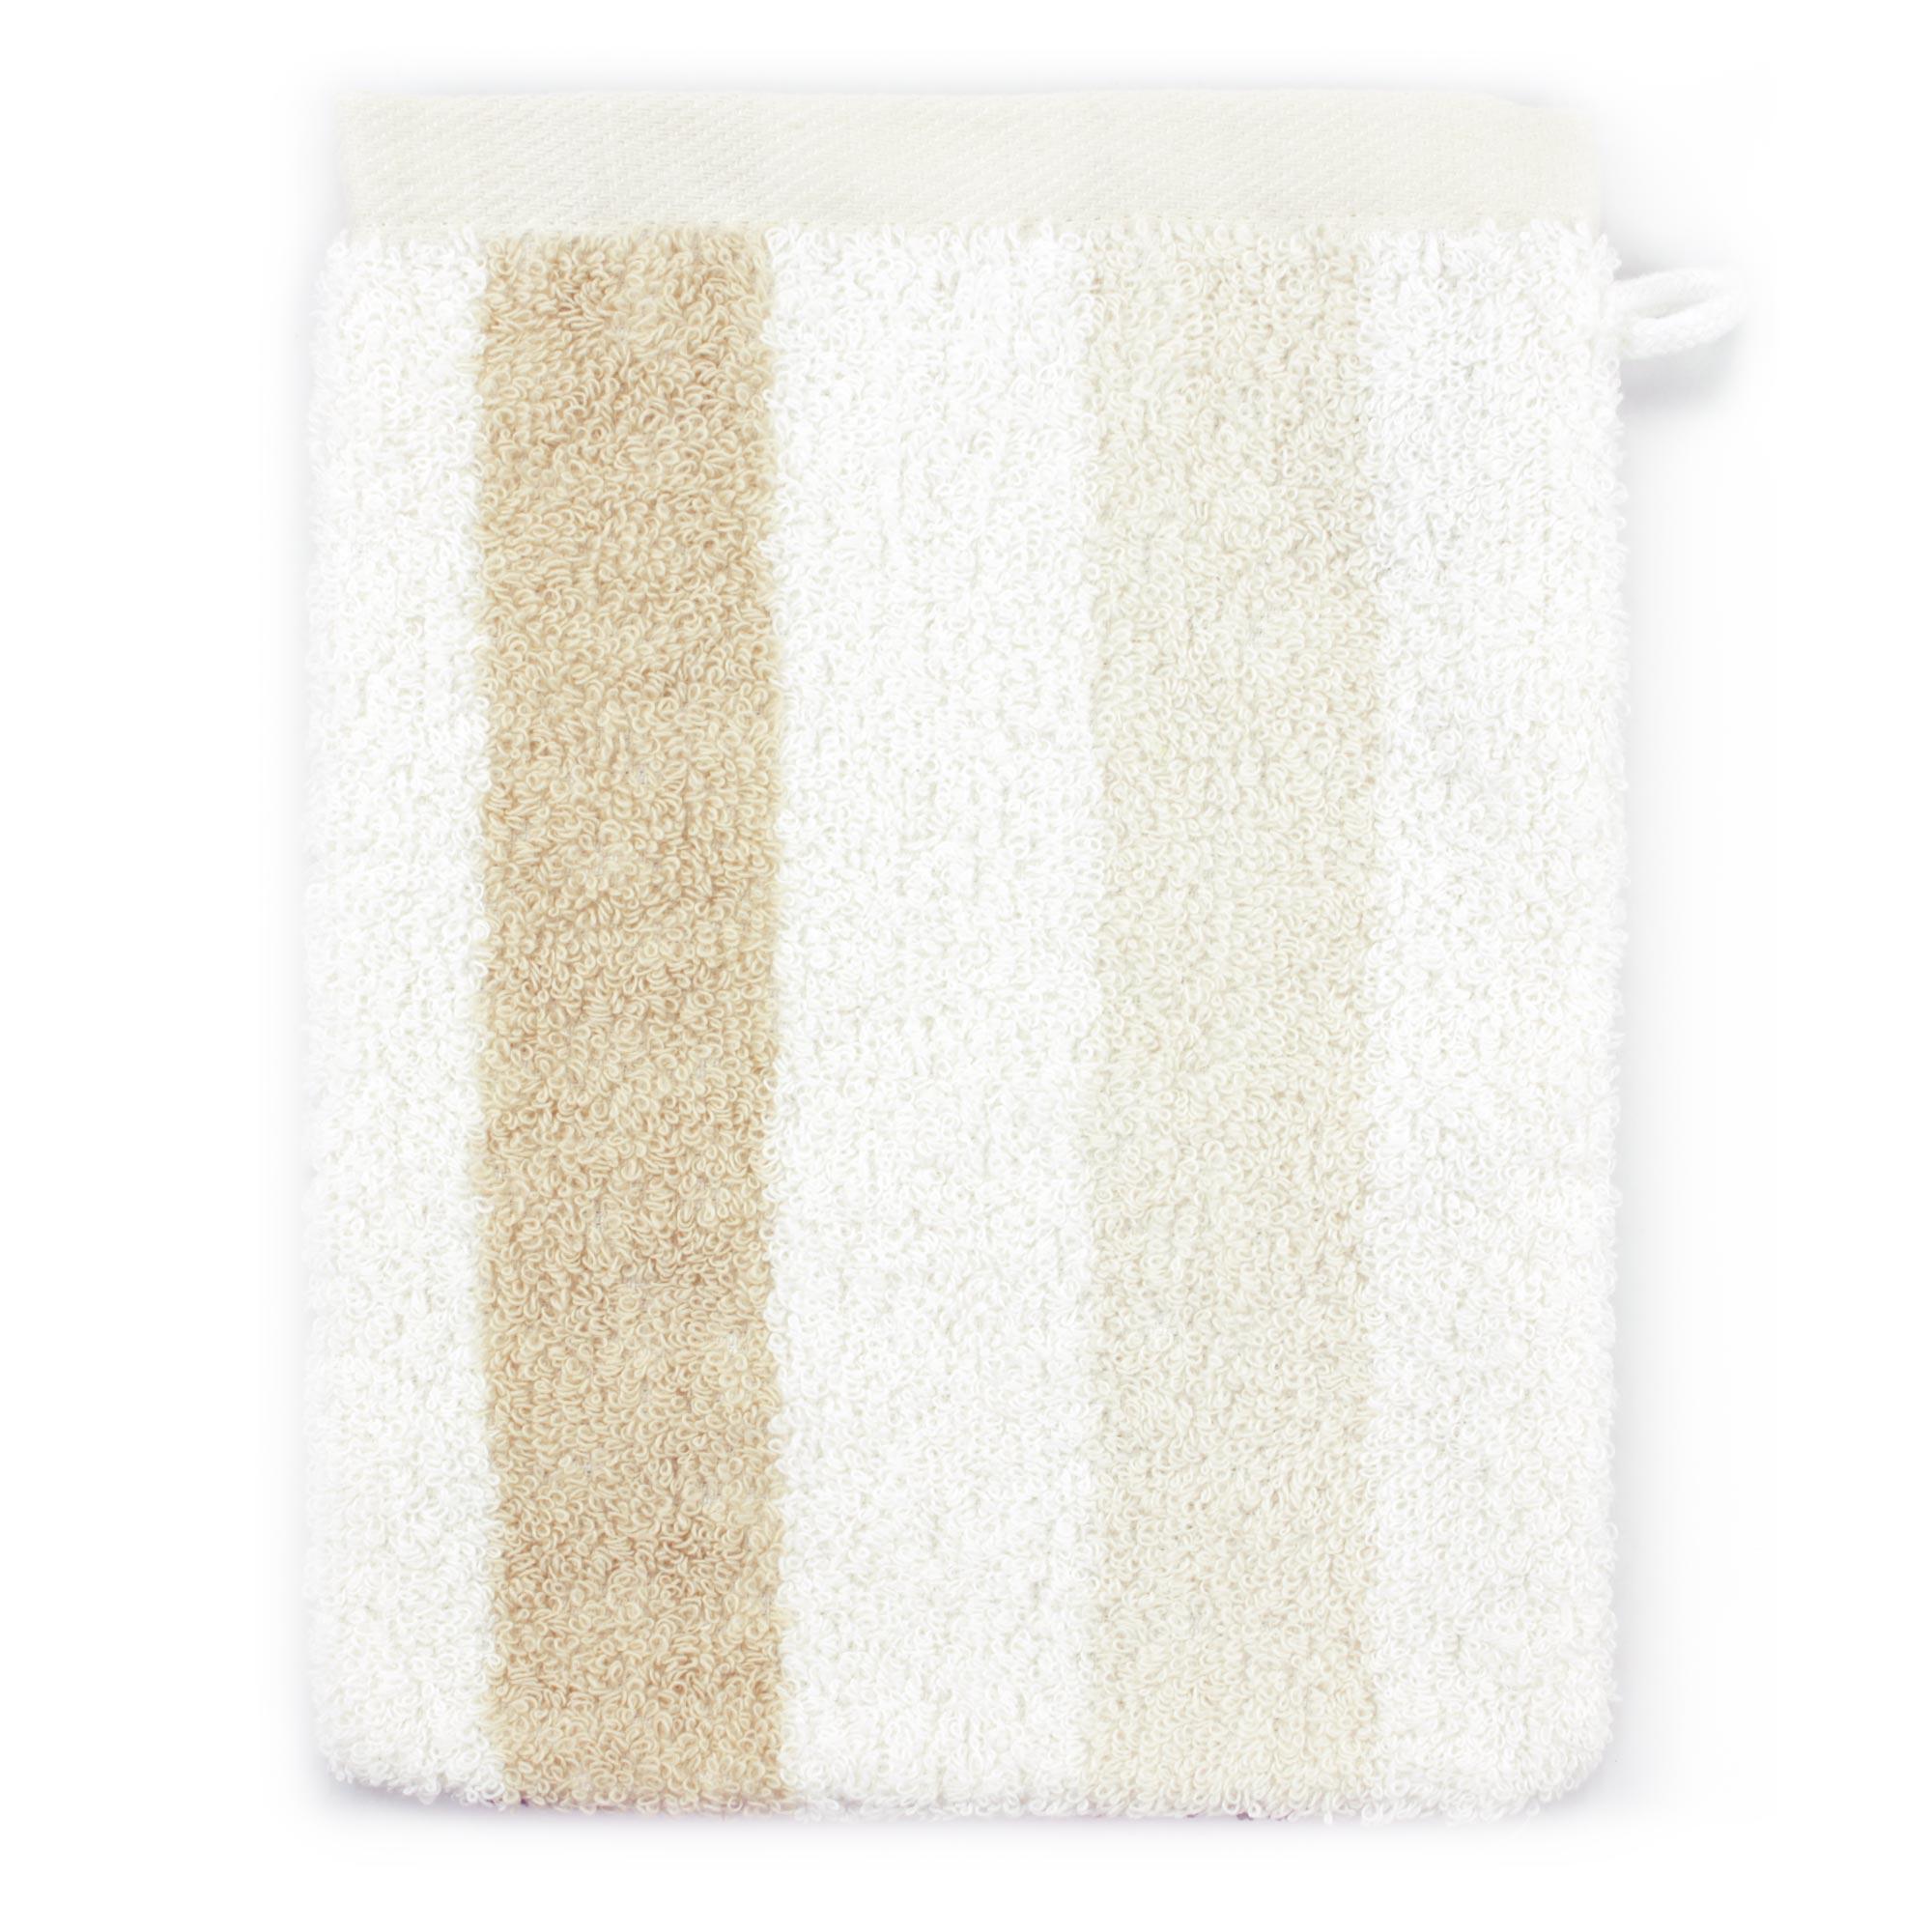 Gant-de-toilette-16x21-100-coton-480g-m2-CLASSIC-STRIPES-Marron miniature 2